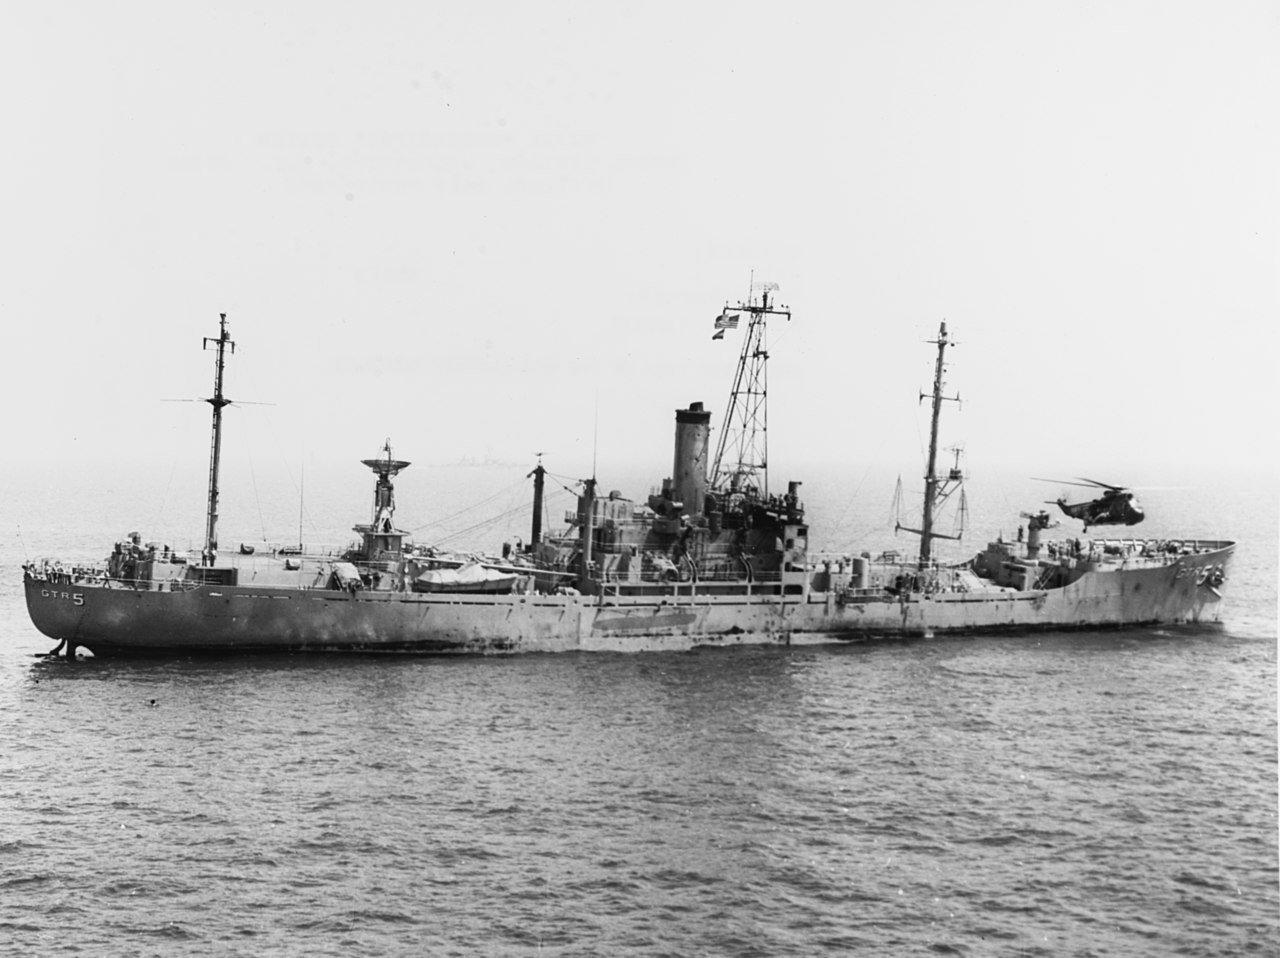 buceo en el liberty wreck, foto 1942